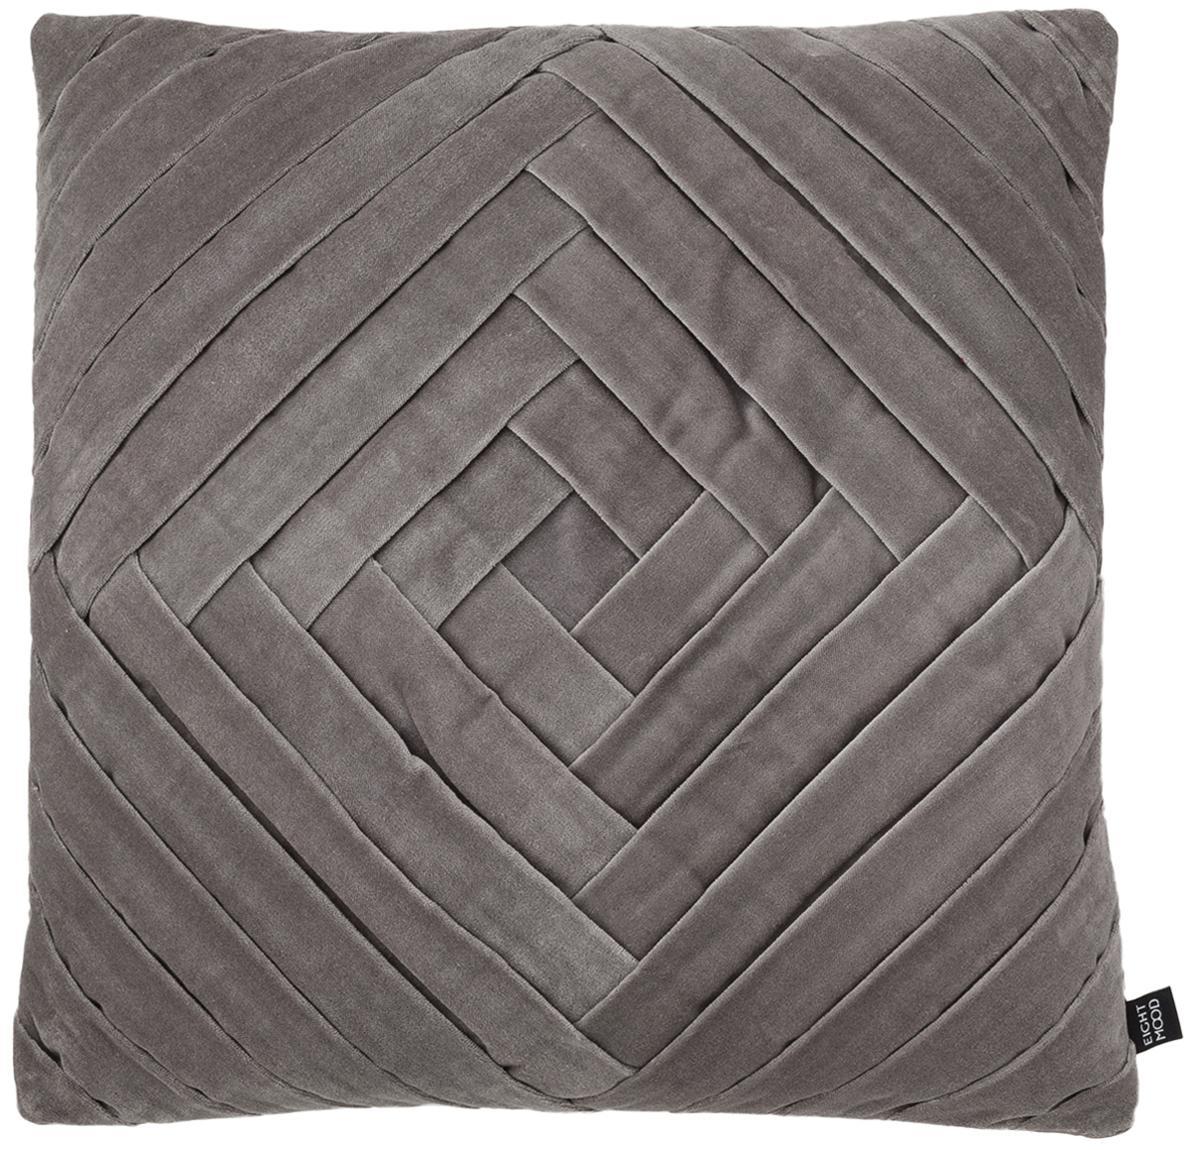 Cuscino in velluto Marisa, Rivestimento: 100% cotone, Grigio scuro, Larg. 45 x Lung. 45 cm